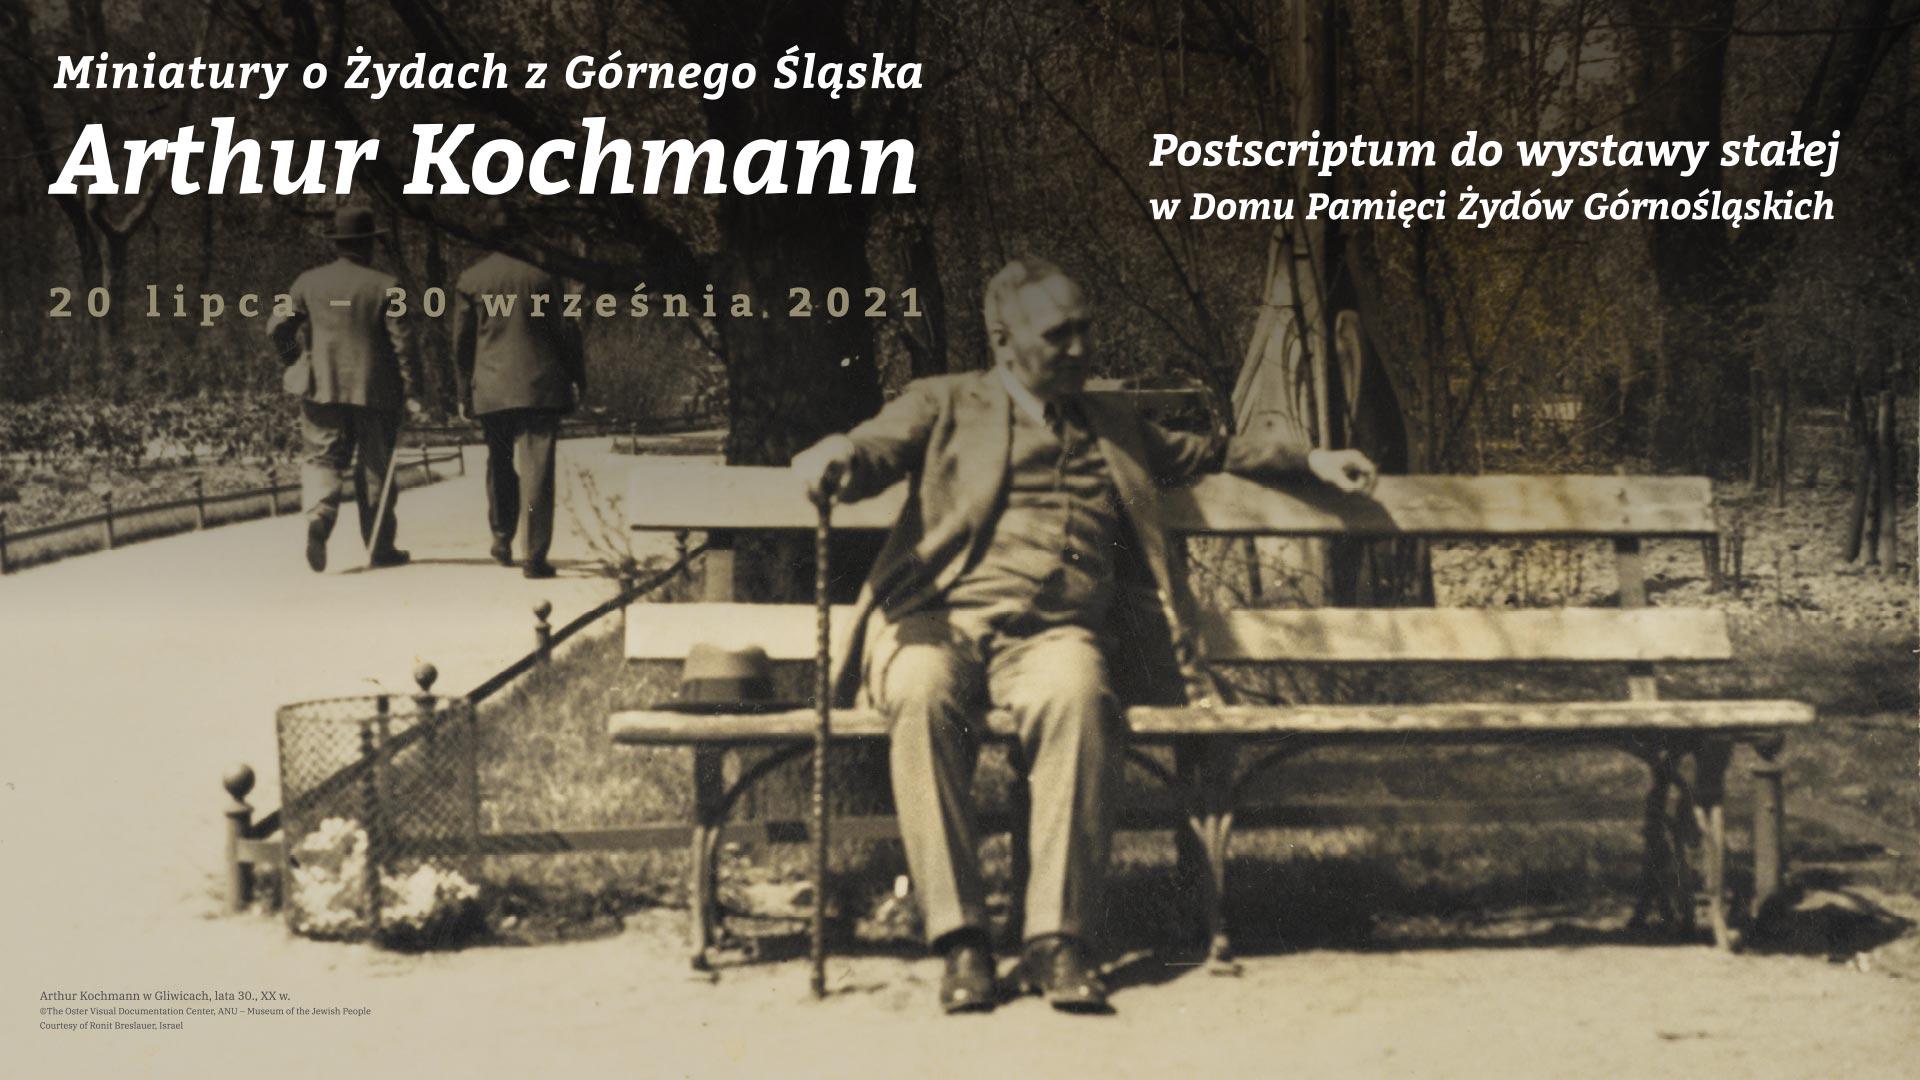 banner ze zdjęciem Arthura Kochmanna siedzącego na ławce w parku